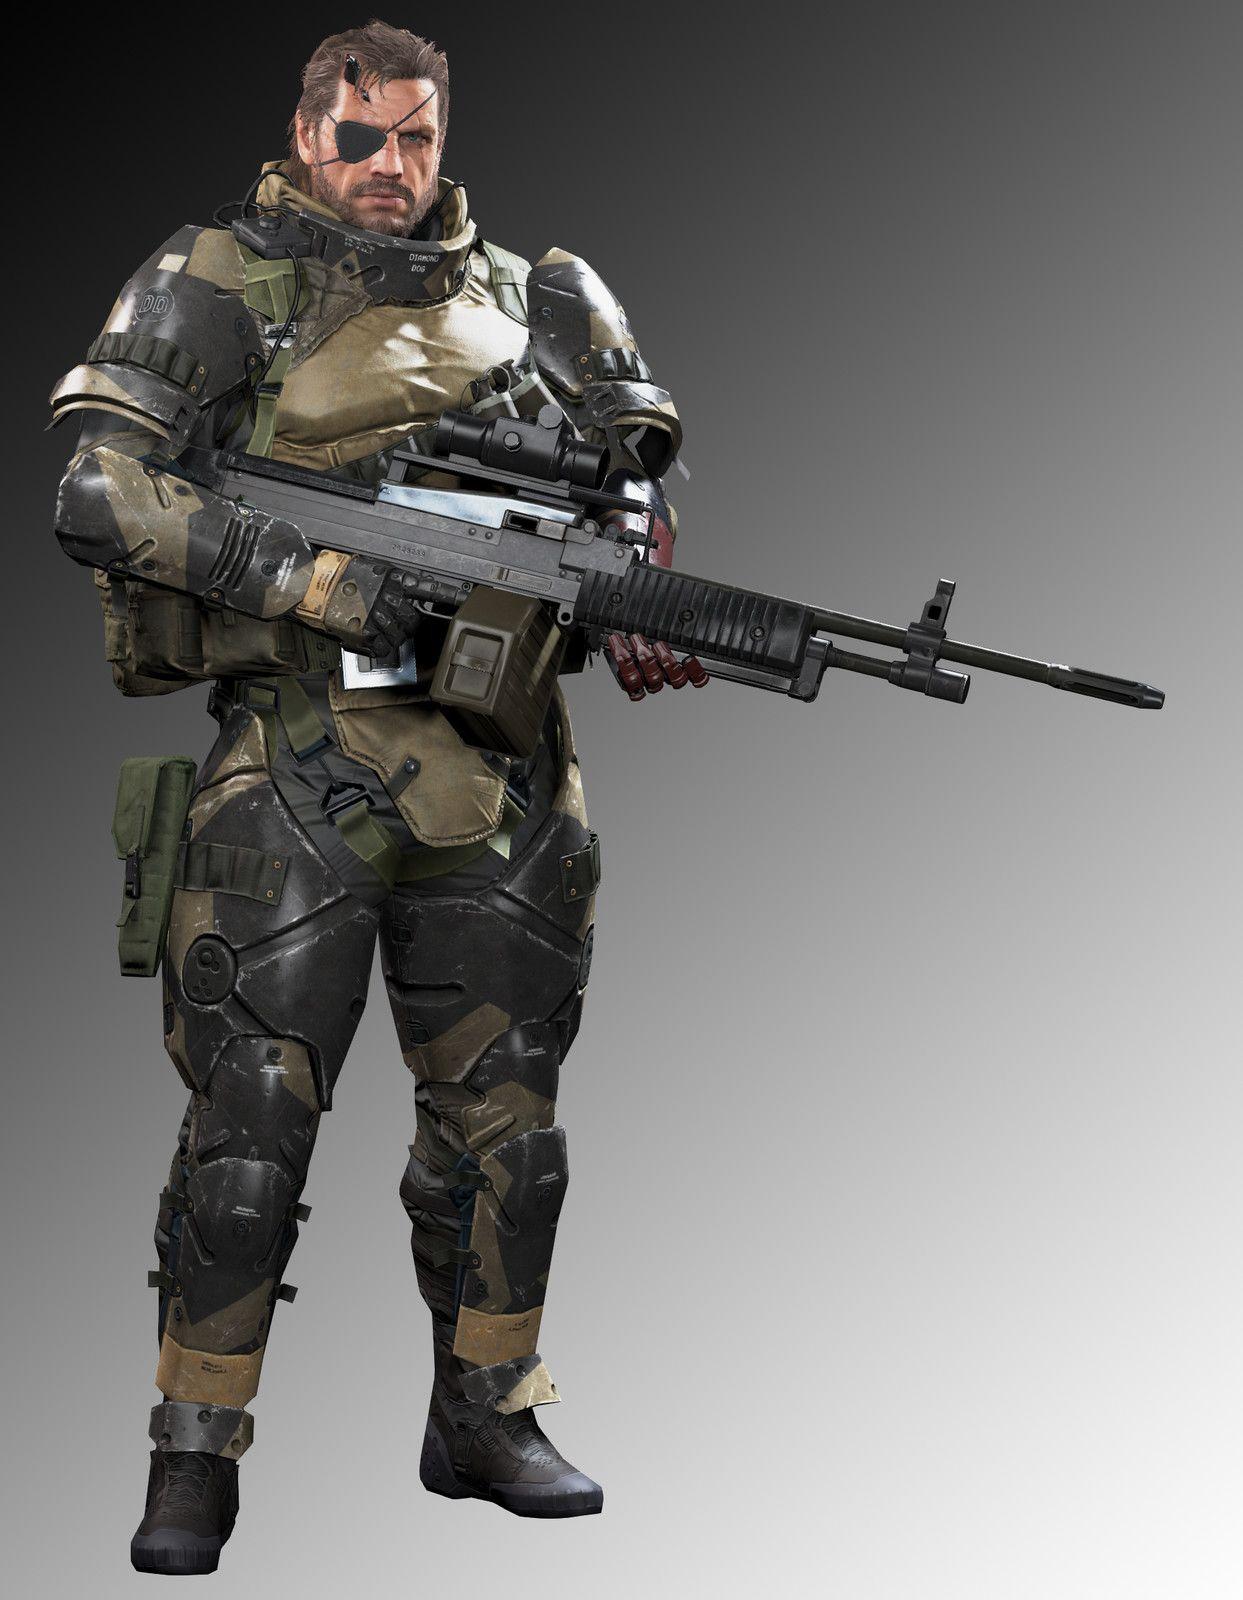 38++ Mgsv battle dress information